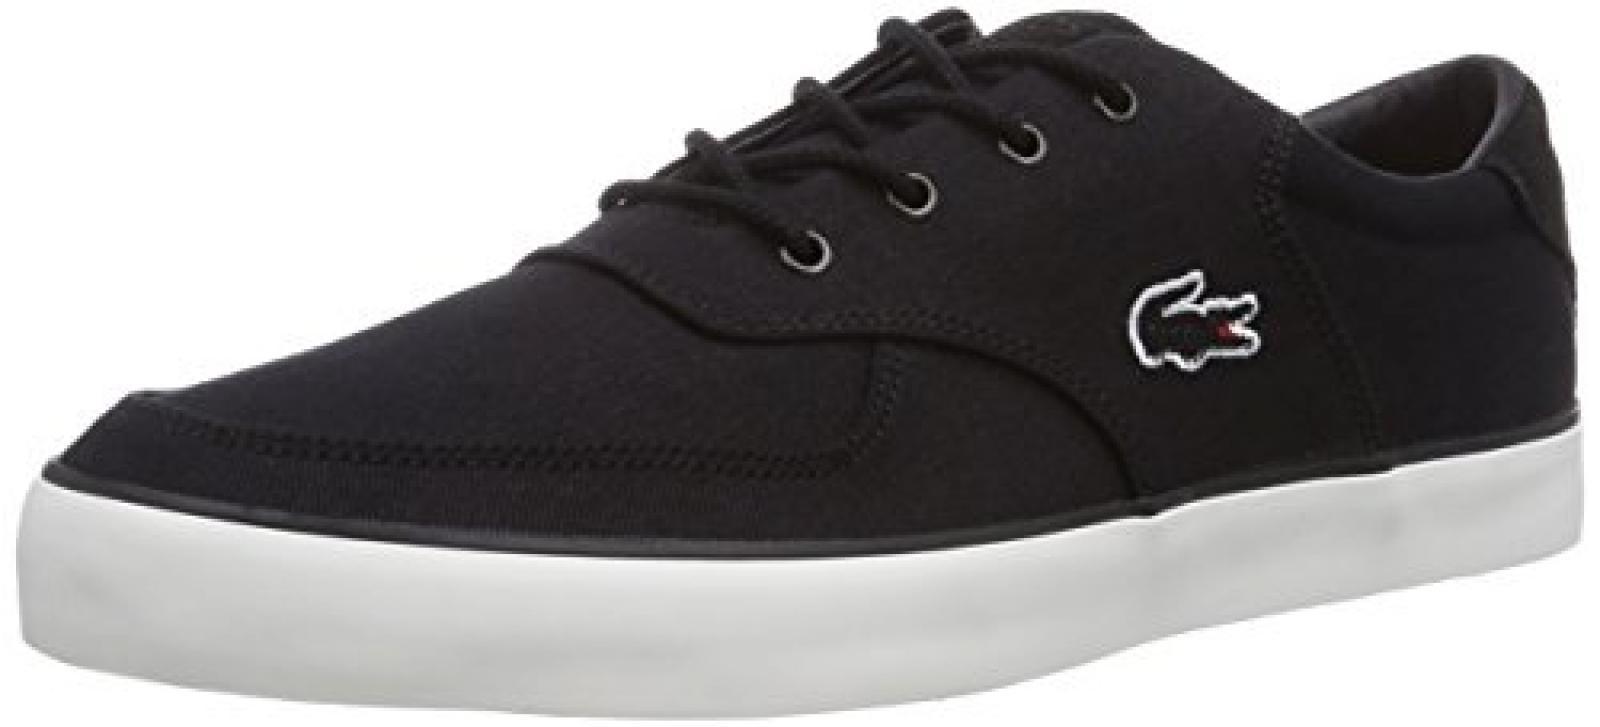 Lacoste GLENDON 11 Herren Sneakers